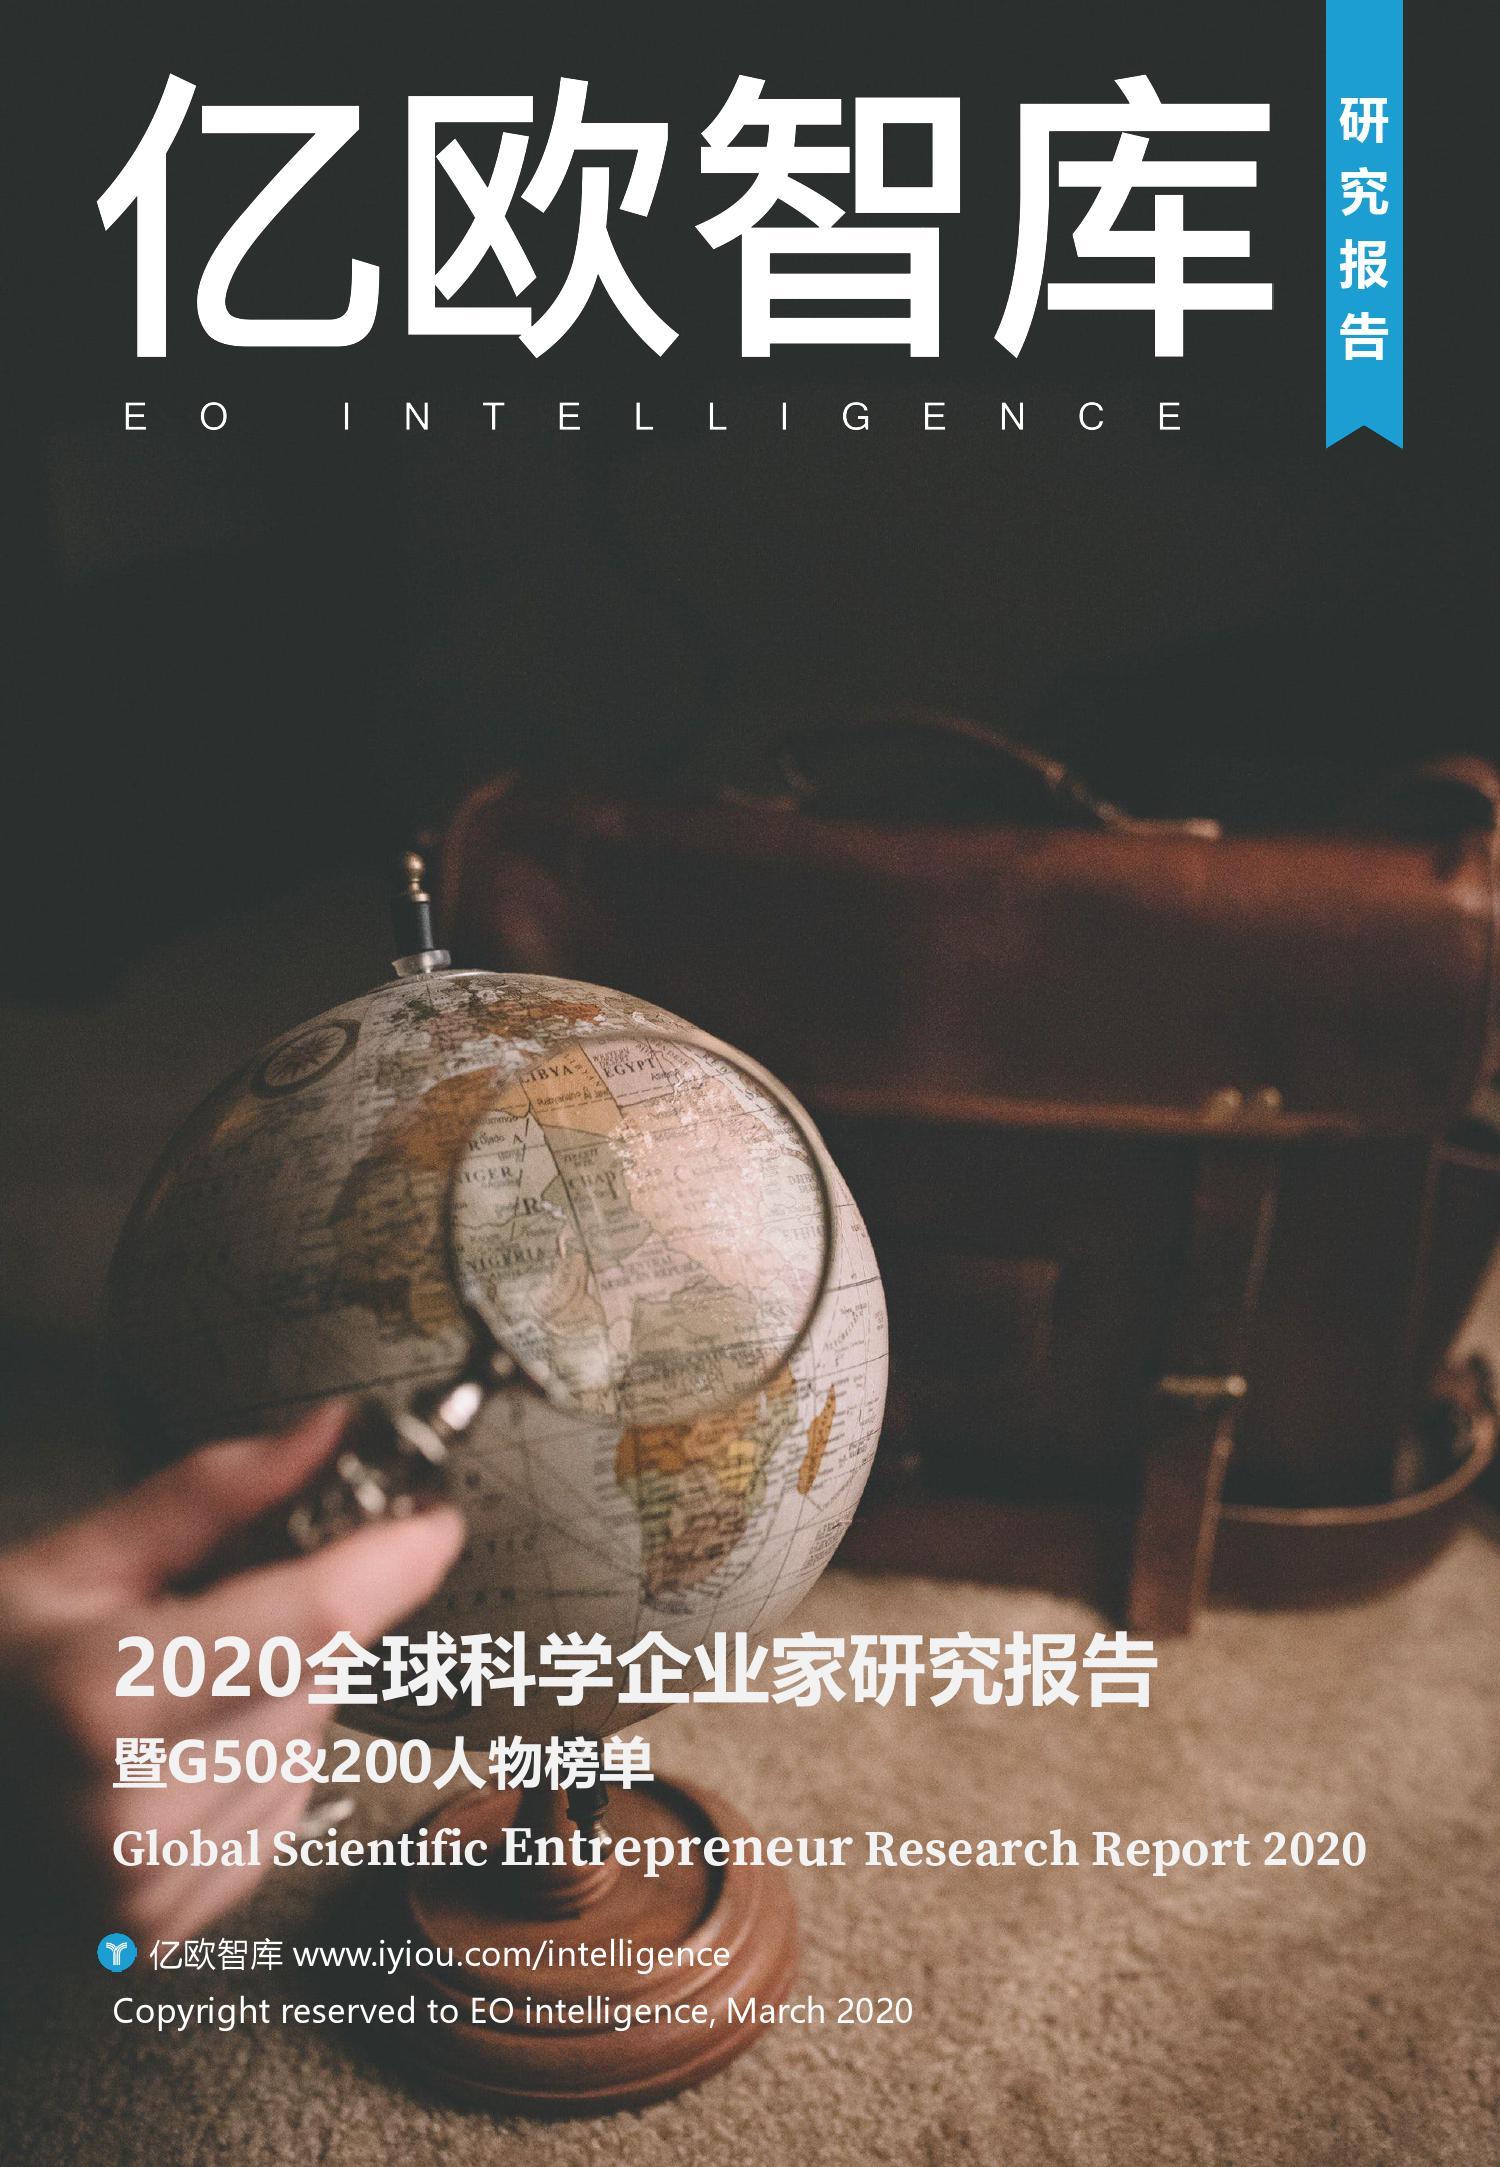 亿欧智库:2020全球科学企业家研究报告暨G50&200人物榜单(附下载)